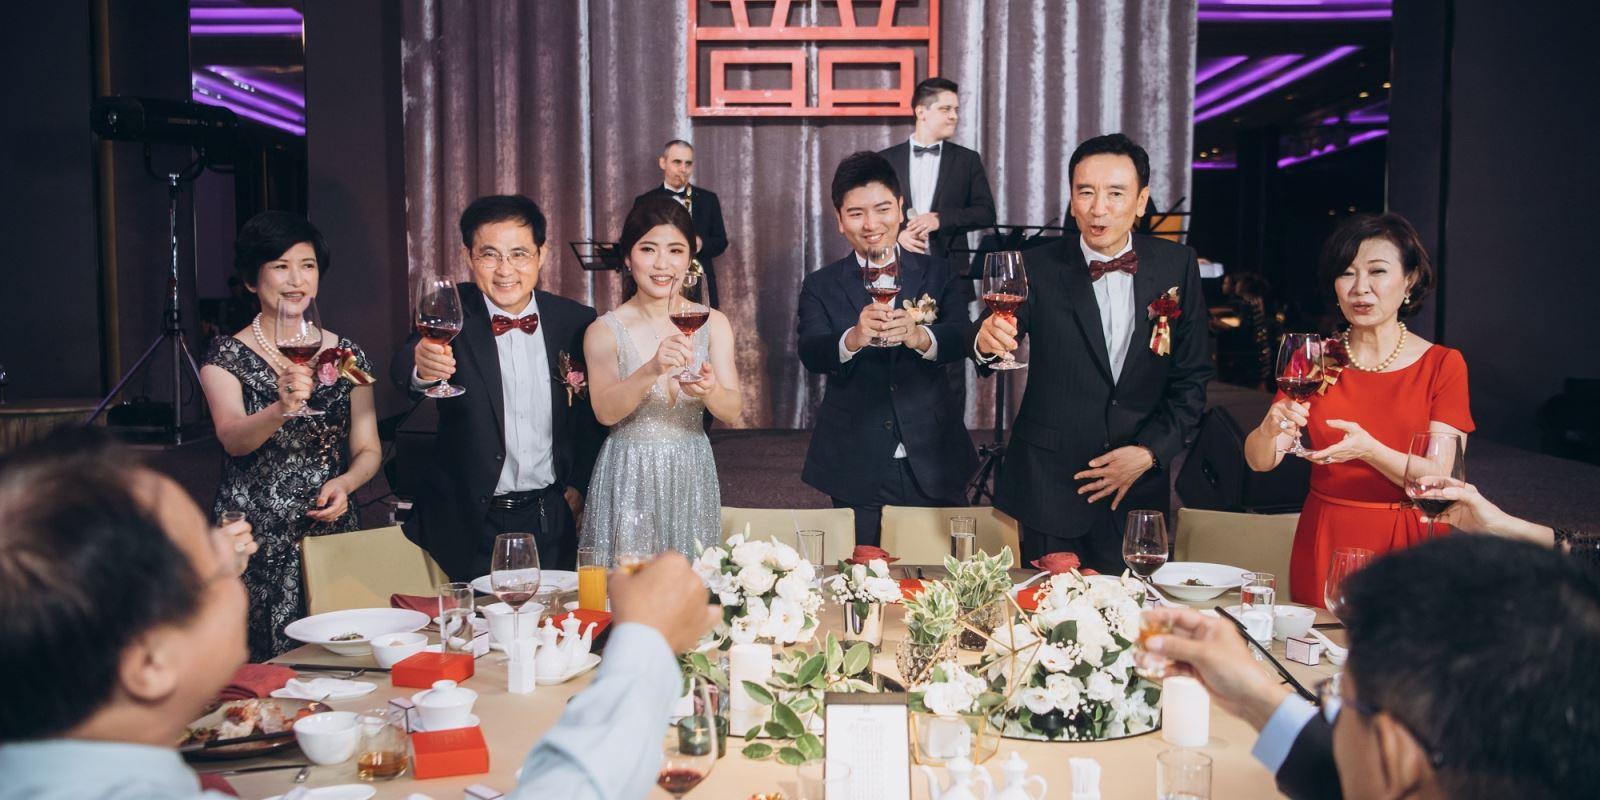 婚禮上,不可缺少的逐桌敬酒.TWO in ONE婚禮顧問會給您路線的帶領.